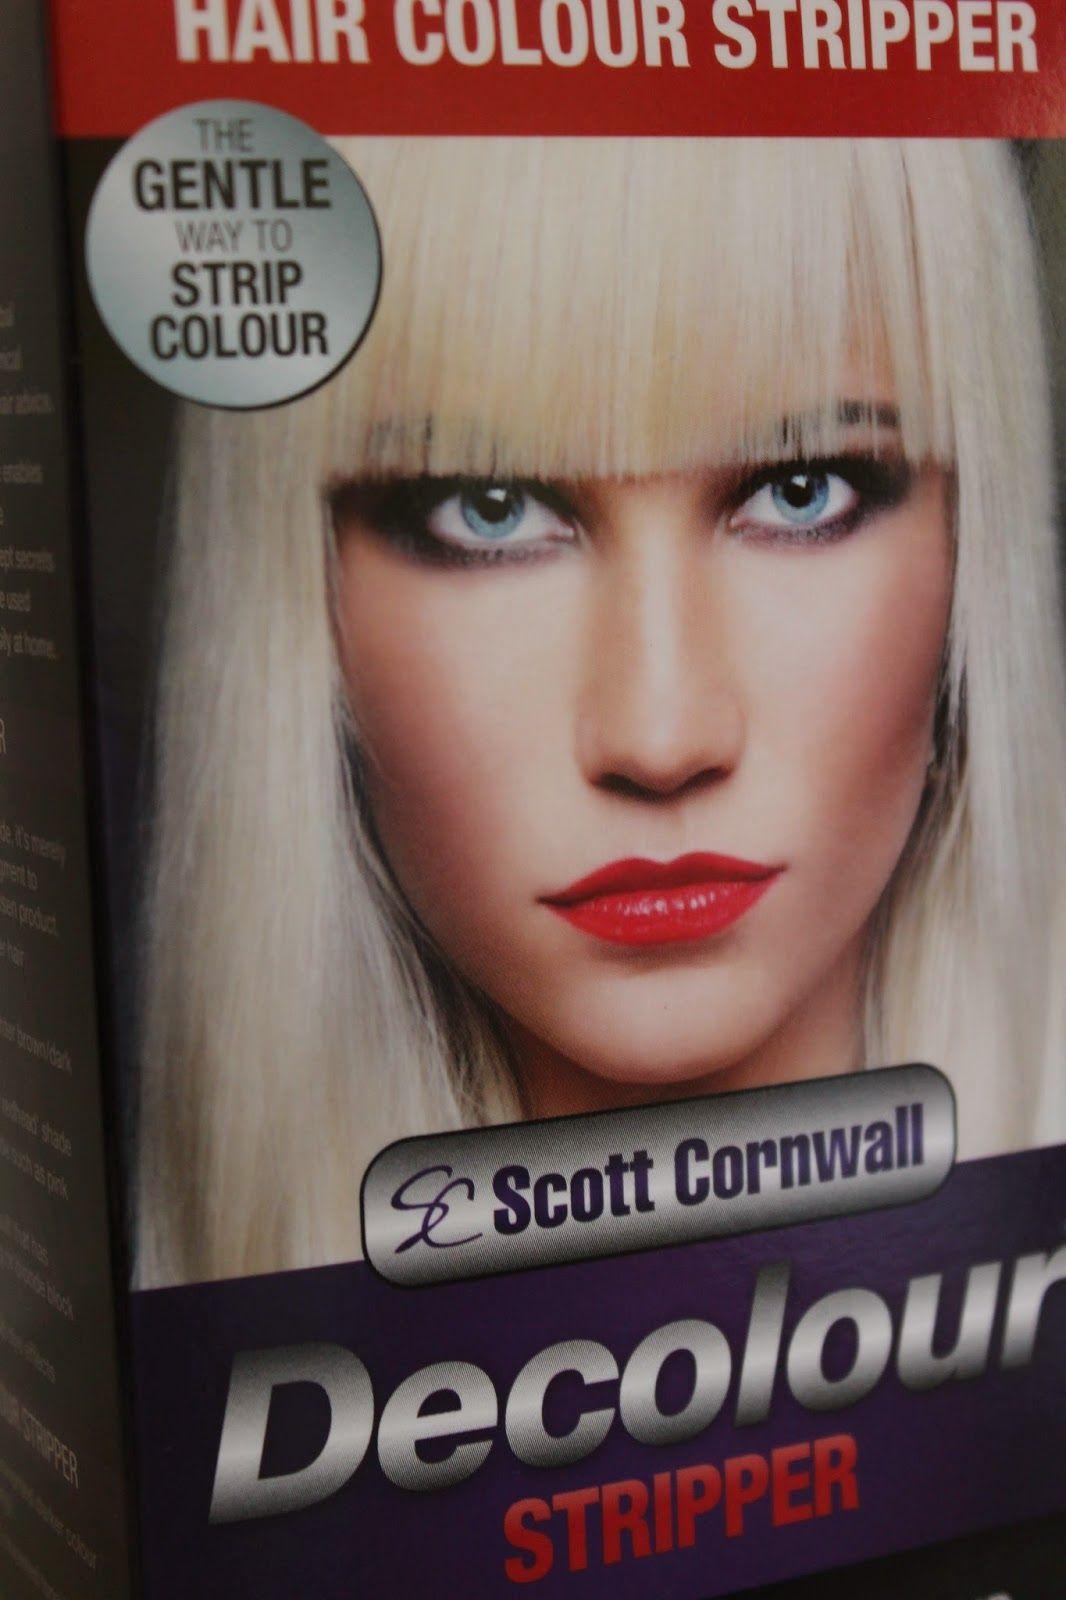 Scott Cornwall Decolour Hair Colour Stripper Beauty Lighten Hair